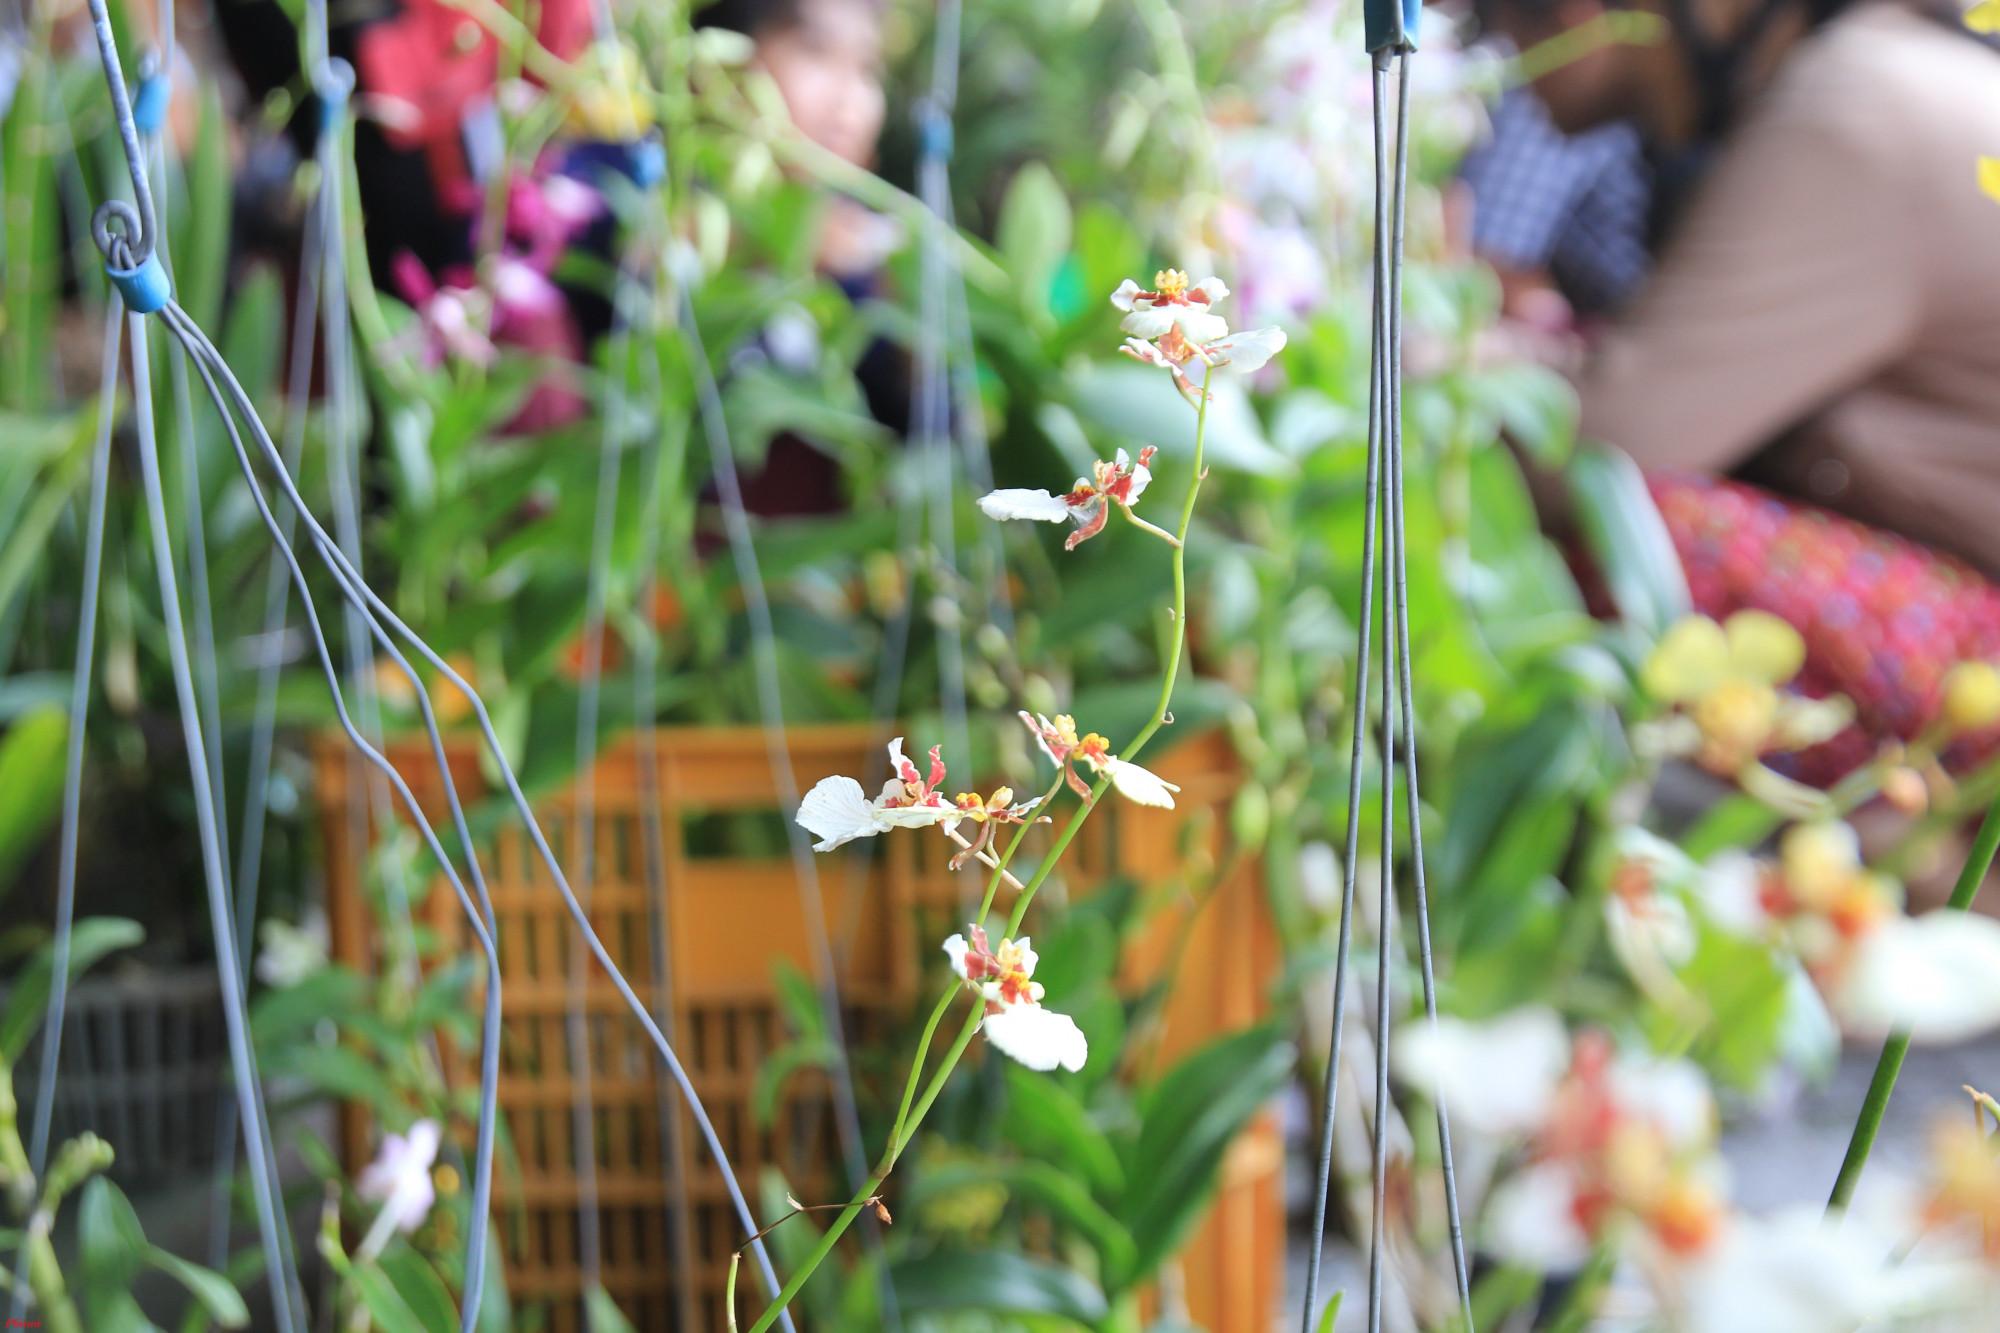 Anh Trung (quận 11, TPHCM) cho hay đối với các giống lan rừng không phải loại nào cũng dễ ra hoa. Do đó, nên chọn những giống dễ ra hoa